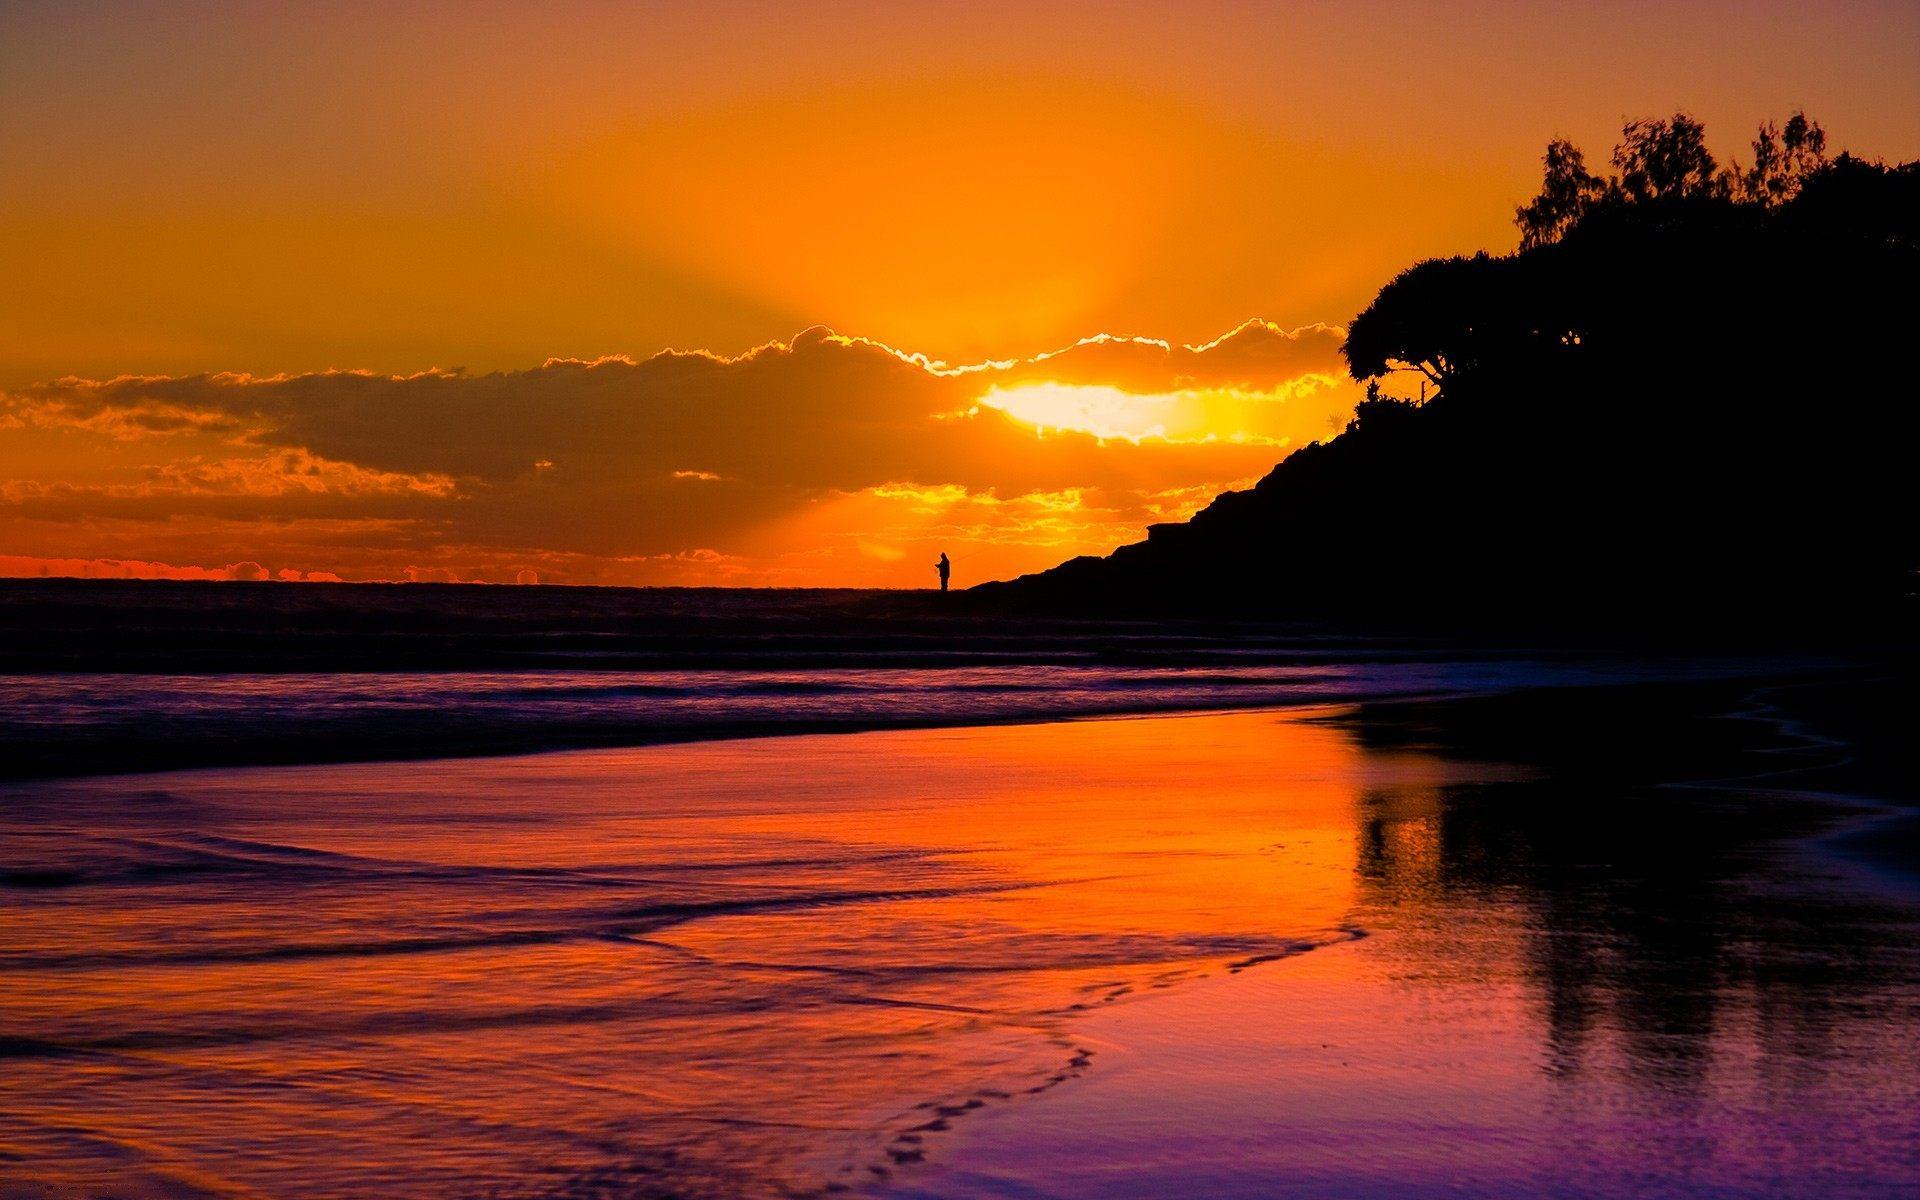 Download Sunset Wallpaper wallpaper Watching Sunset 1920x1200